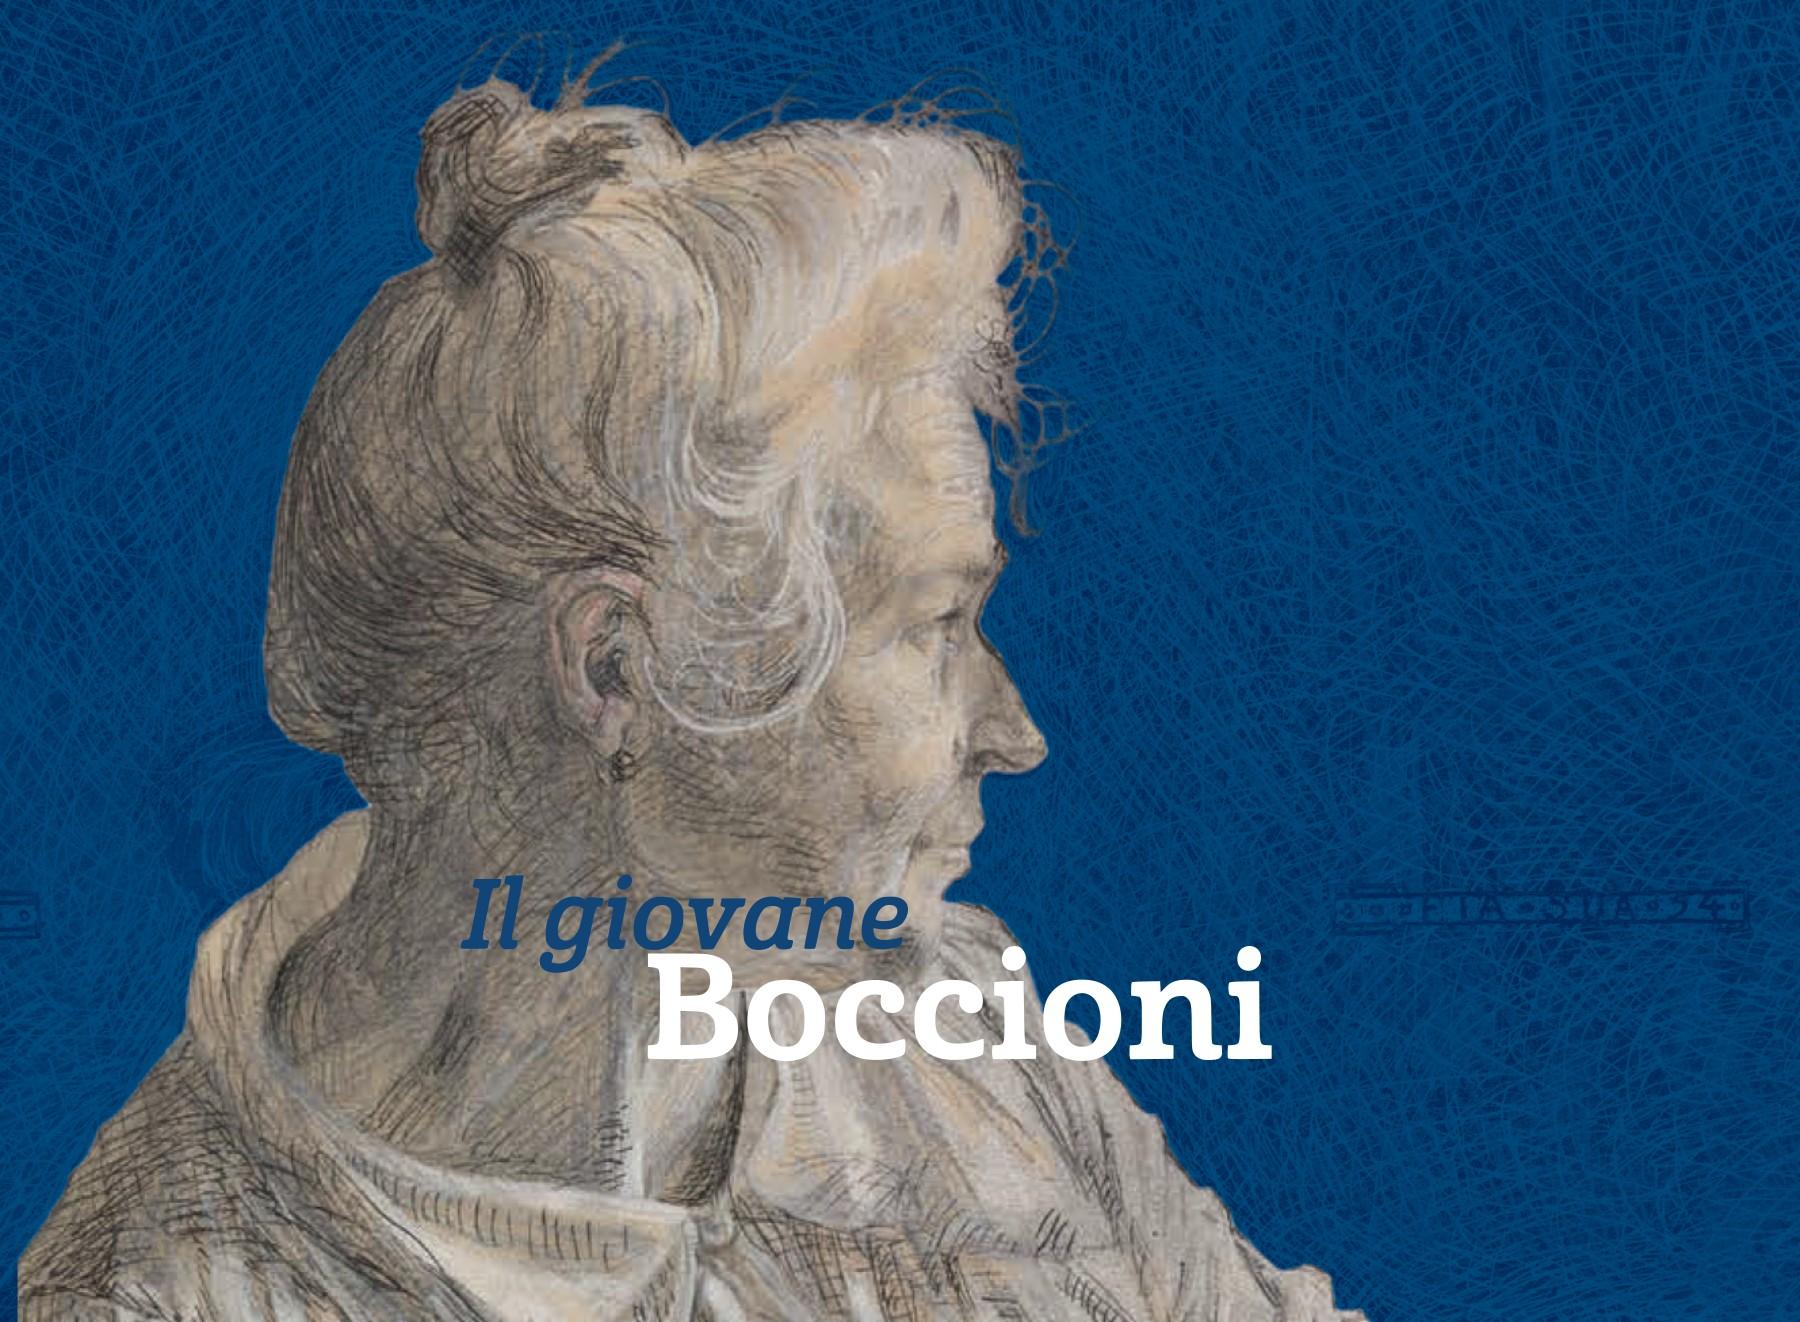 Il giovane Boccioni - Viewing Room Bottegantica